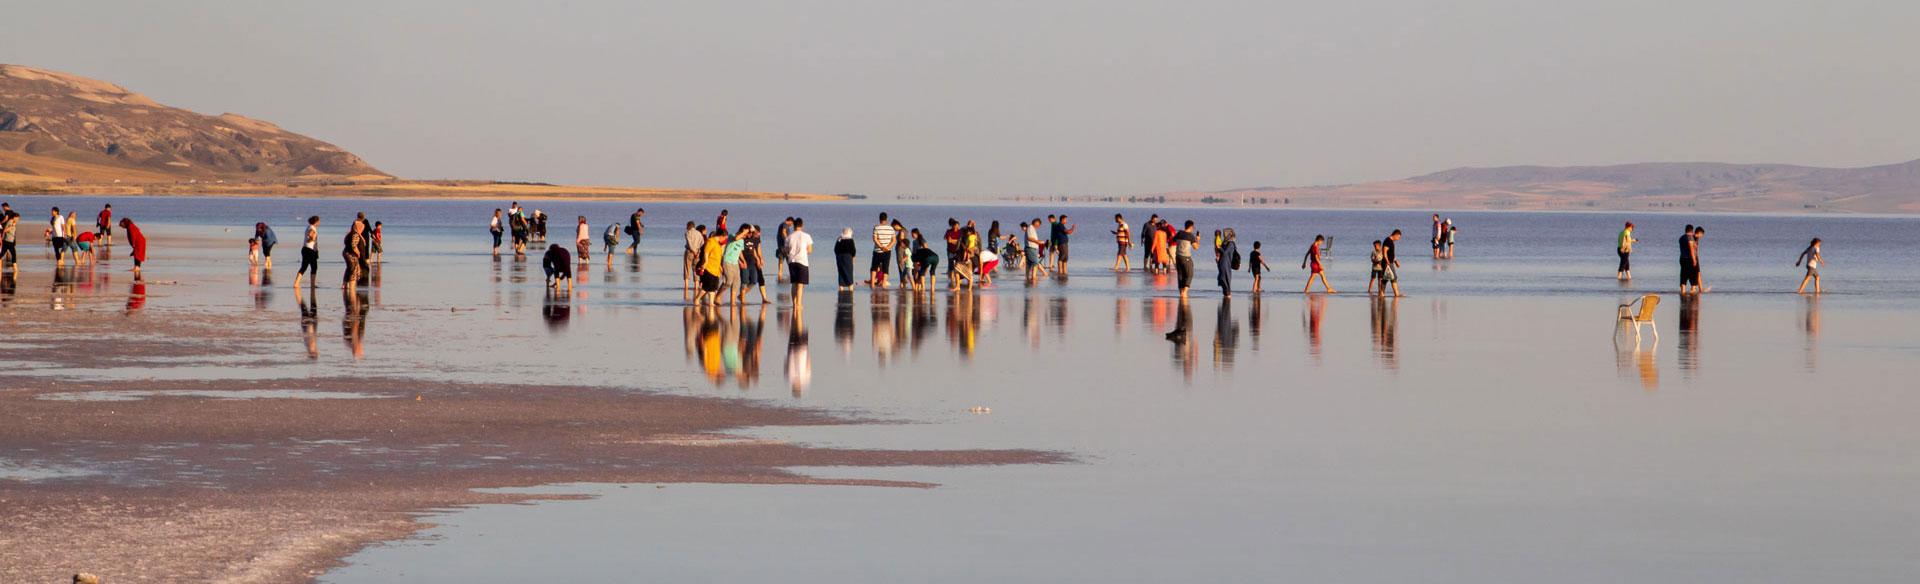 Tuz Gölü Fotoğrafları Tuz gölü resimleri Sunset Gün batımı fotoğrafları Çekergezer Hakan Aydın Fotoğrafları Tuz Gölü görselleri